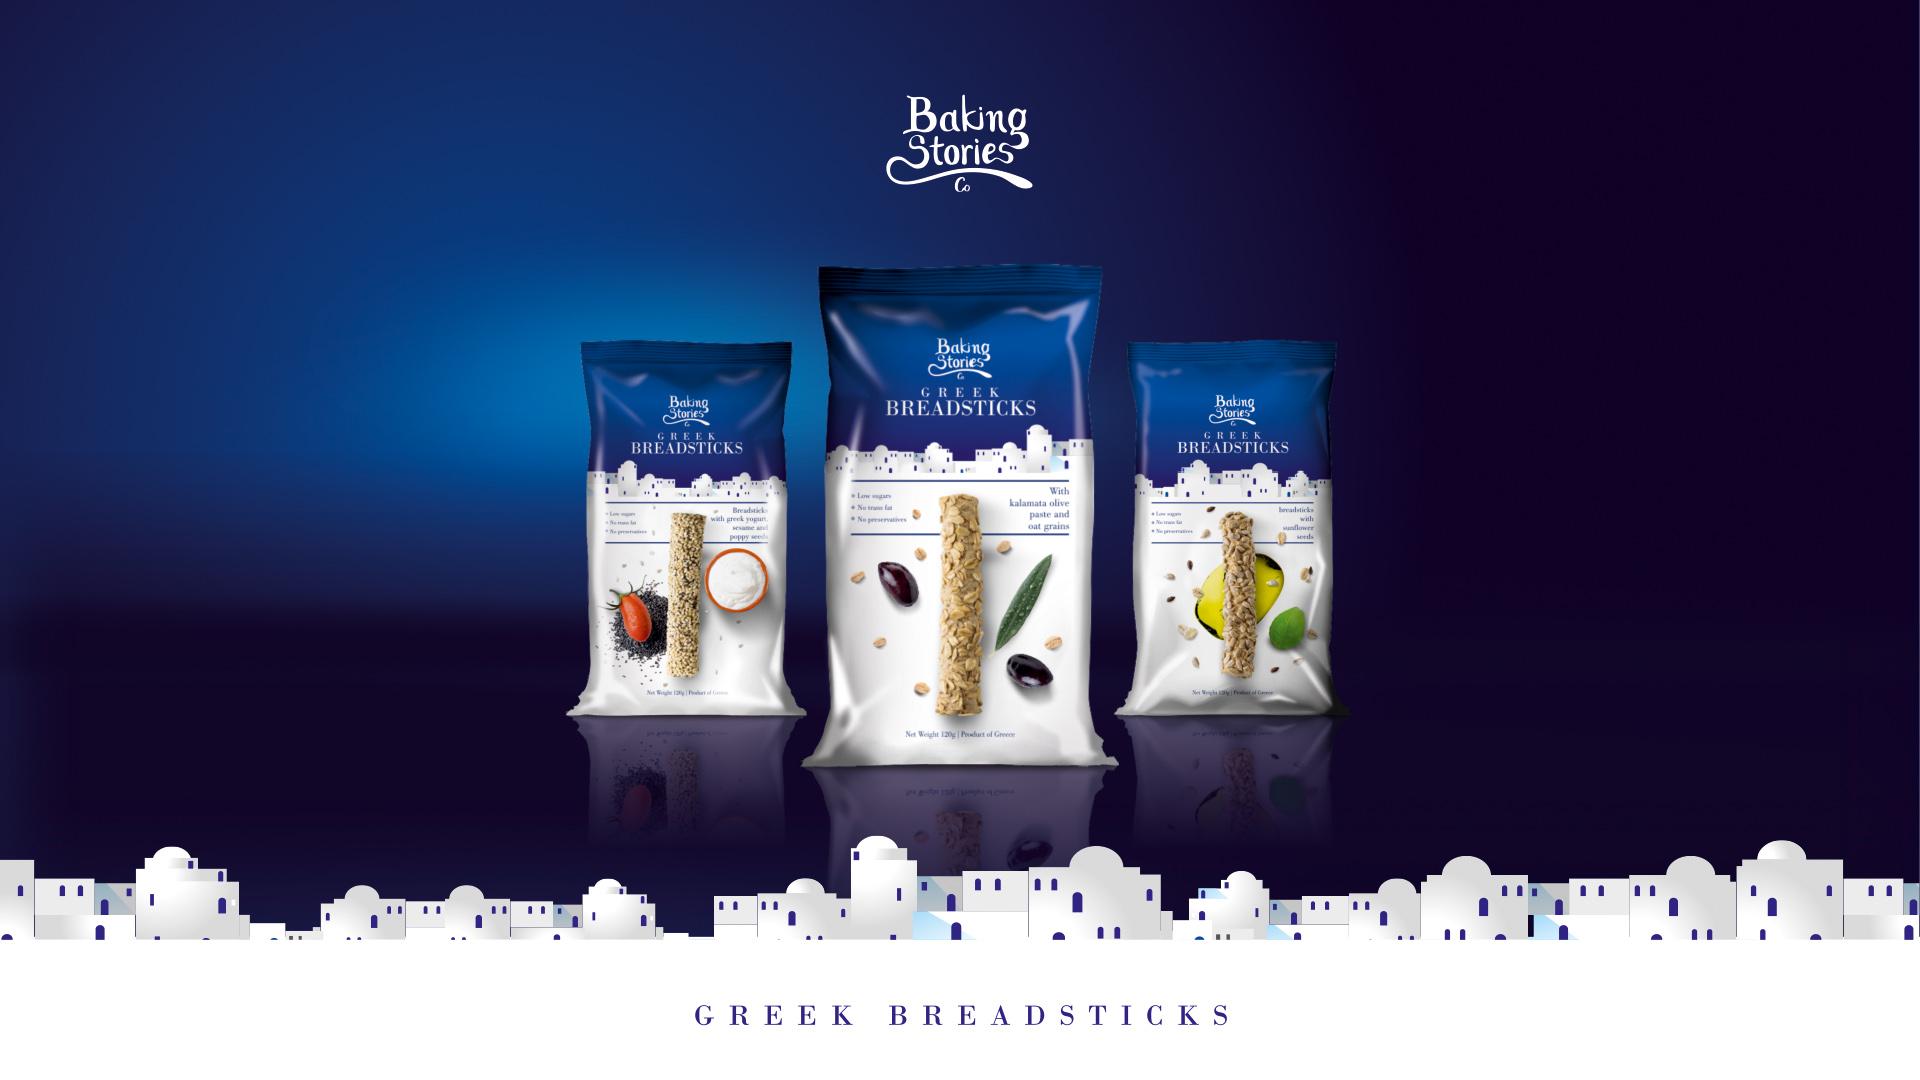 Tsatsakis Greek Breadsticks